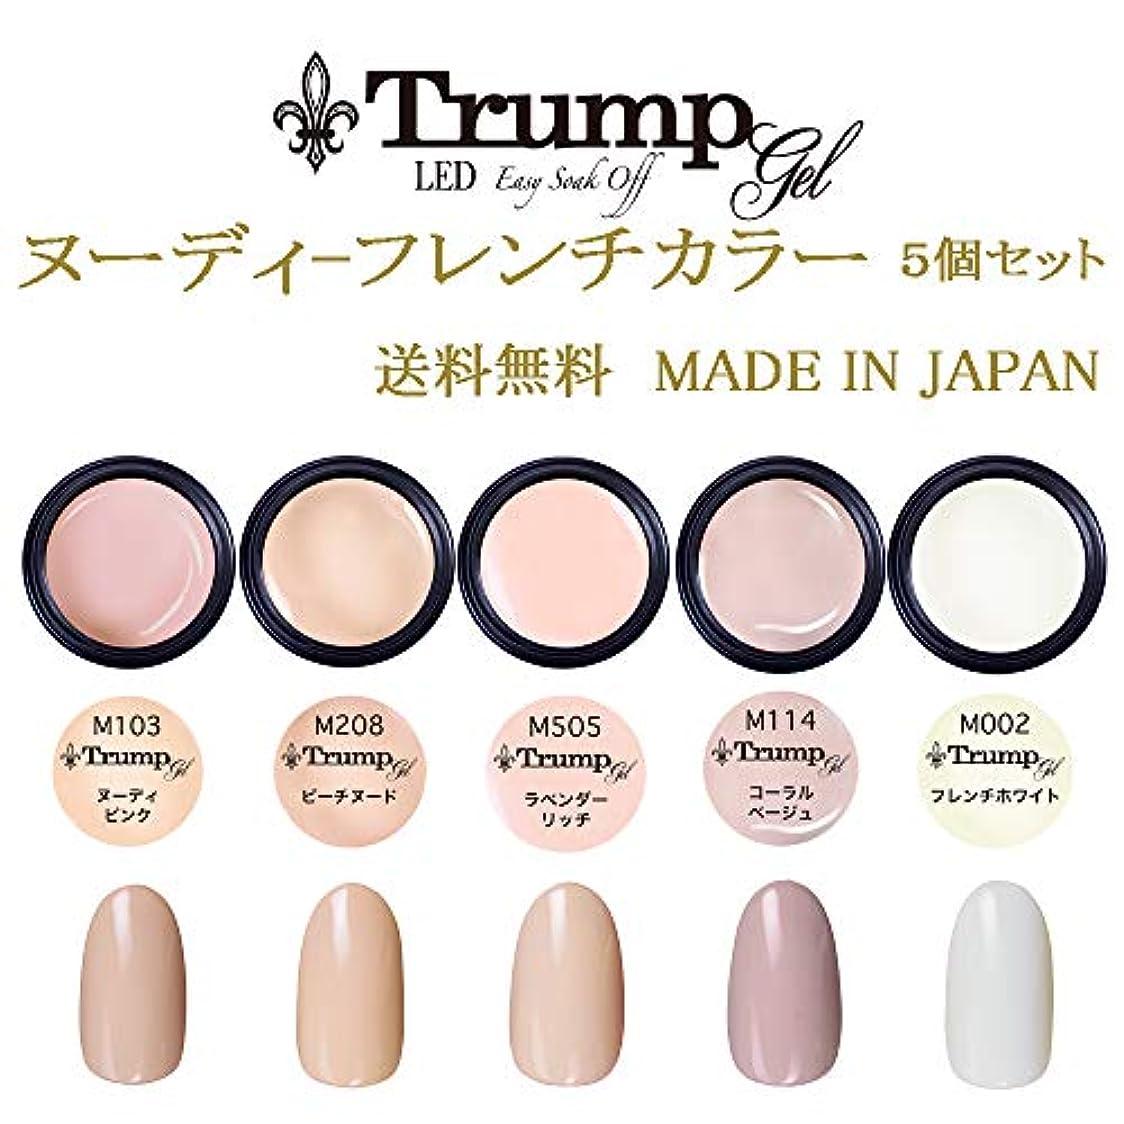 メディック地震じゃがいも【送料無料】日本製 Trump gel トランプジェルヌーディフレンチカラージェル 5個セット 肌馴染みの良い ヌーデイフレンチカラージェルセット